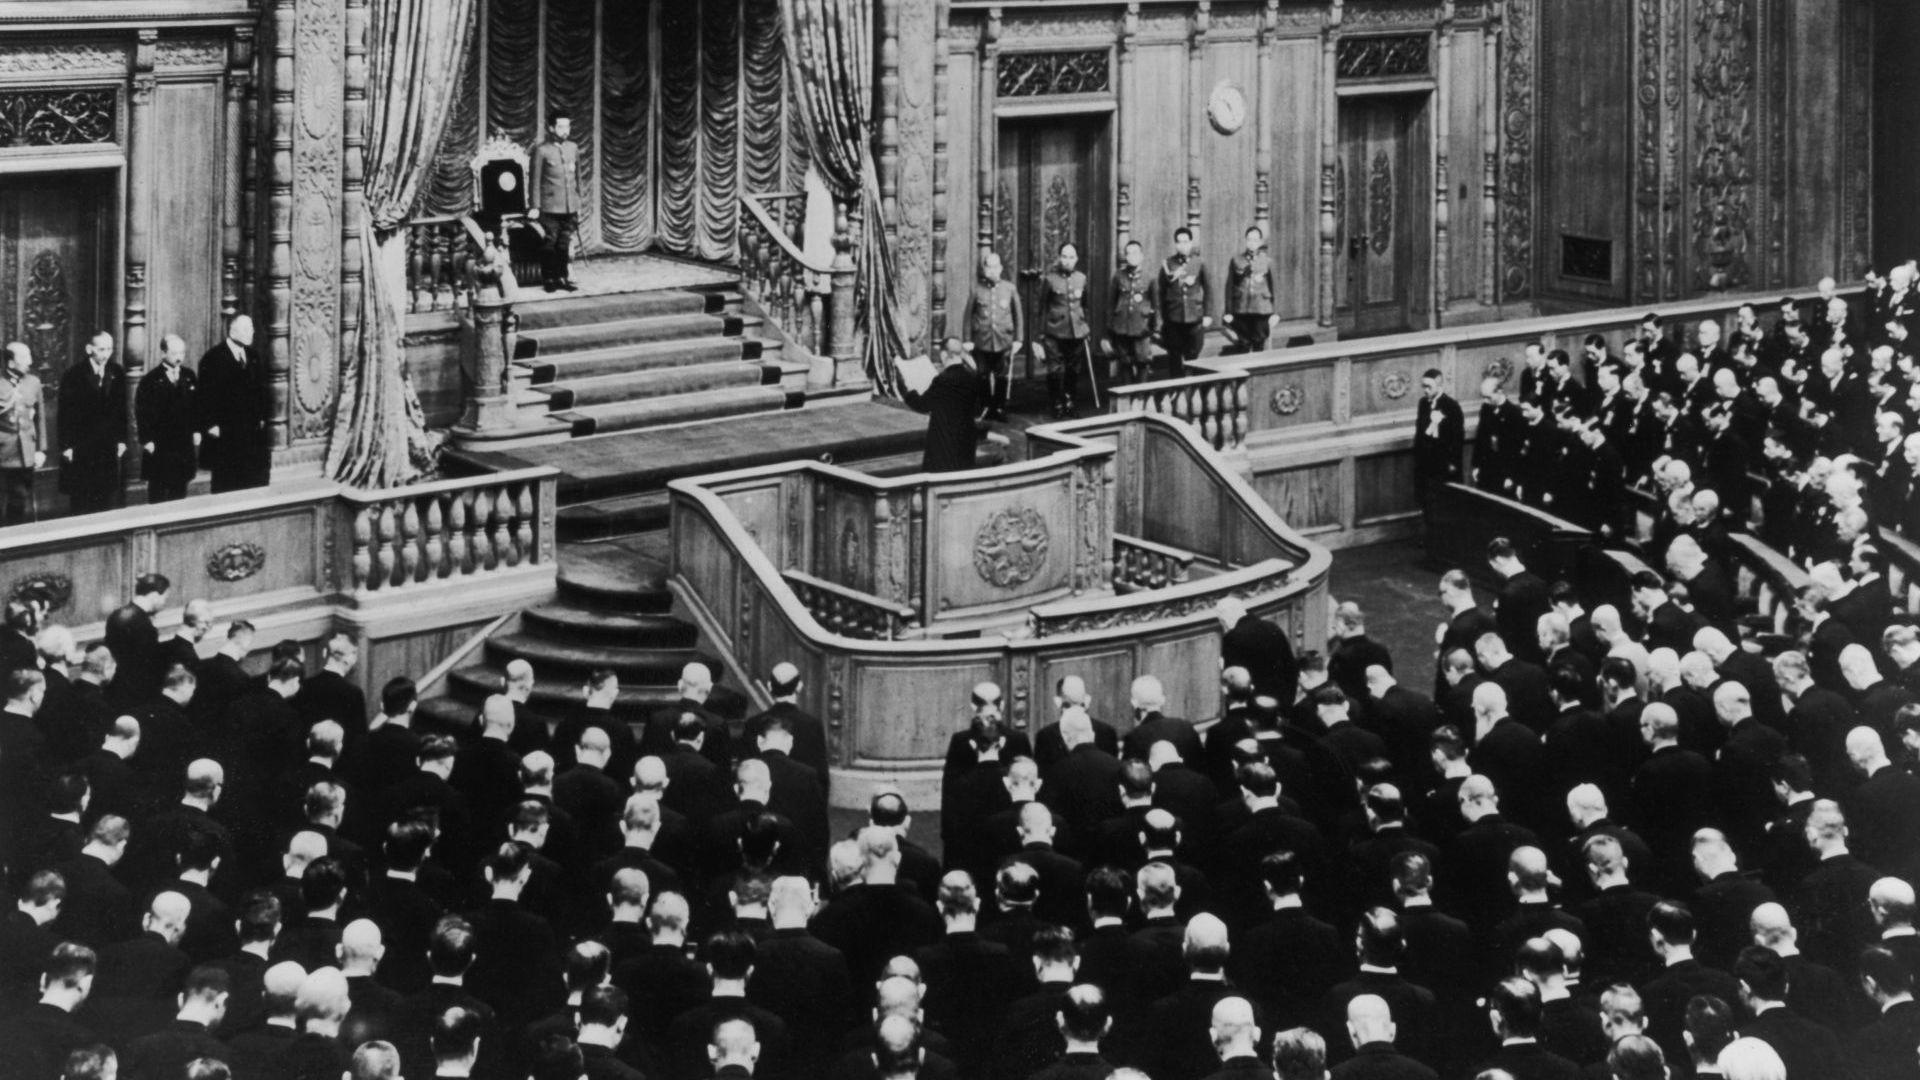 Император Хирохито слуша обръщение, прочетено от японския премиер по време на честванията на 50-годишнината на японския парламент